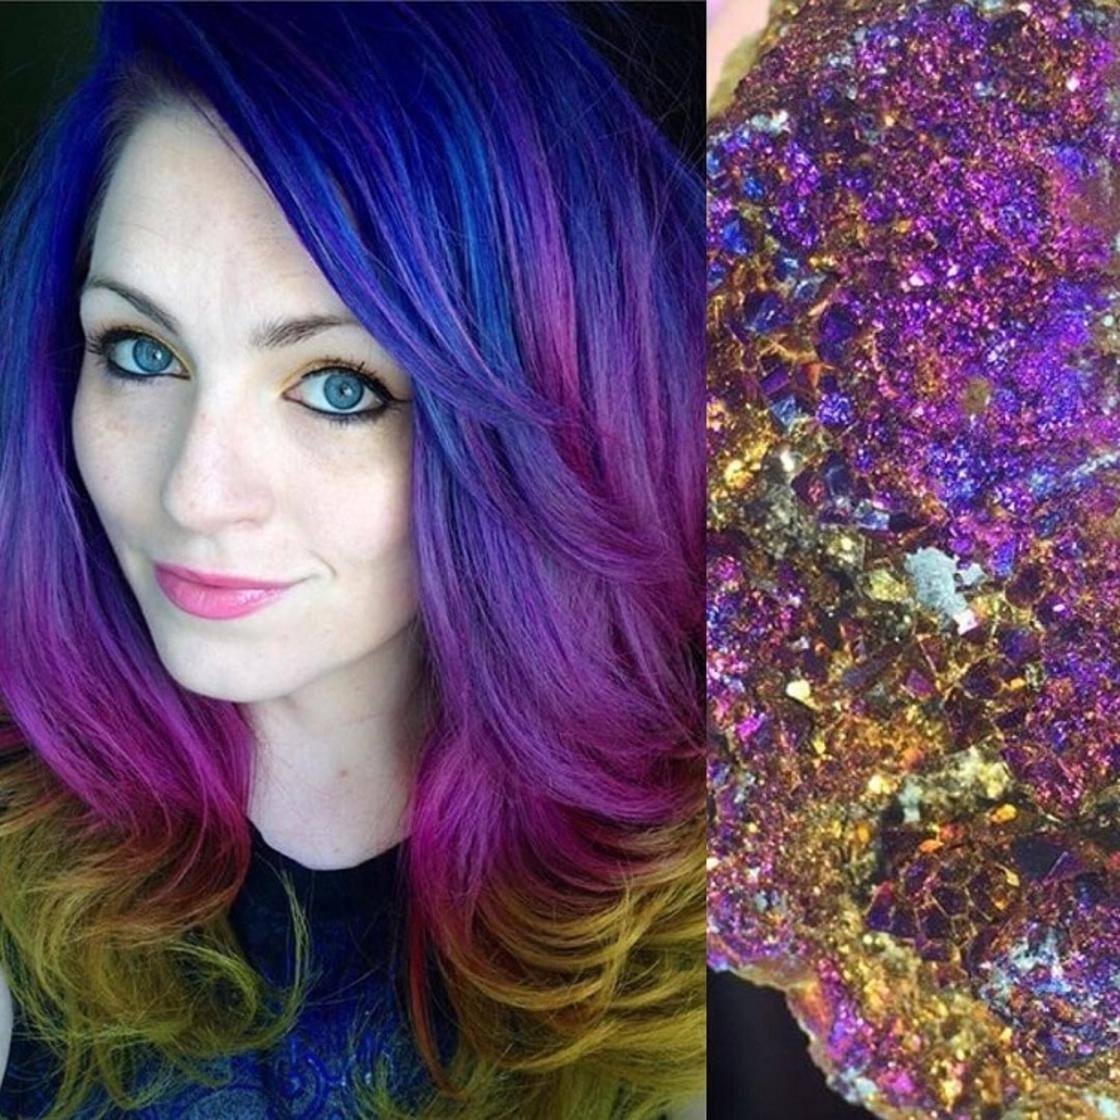 Artista se inspira em imagens fantásticas para mudar a cor do cabelo 7